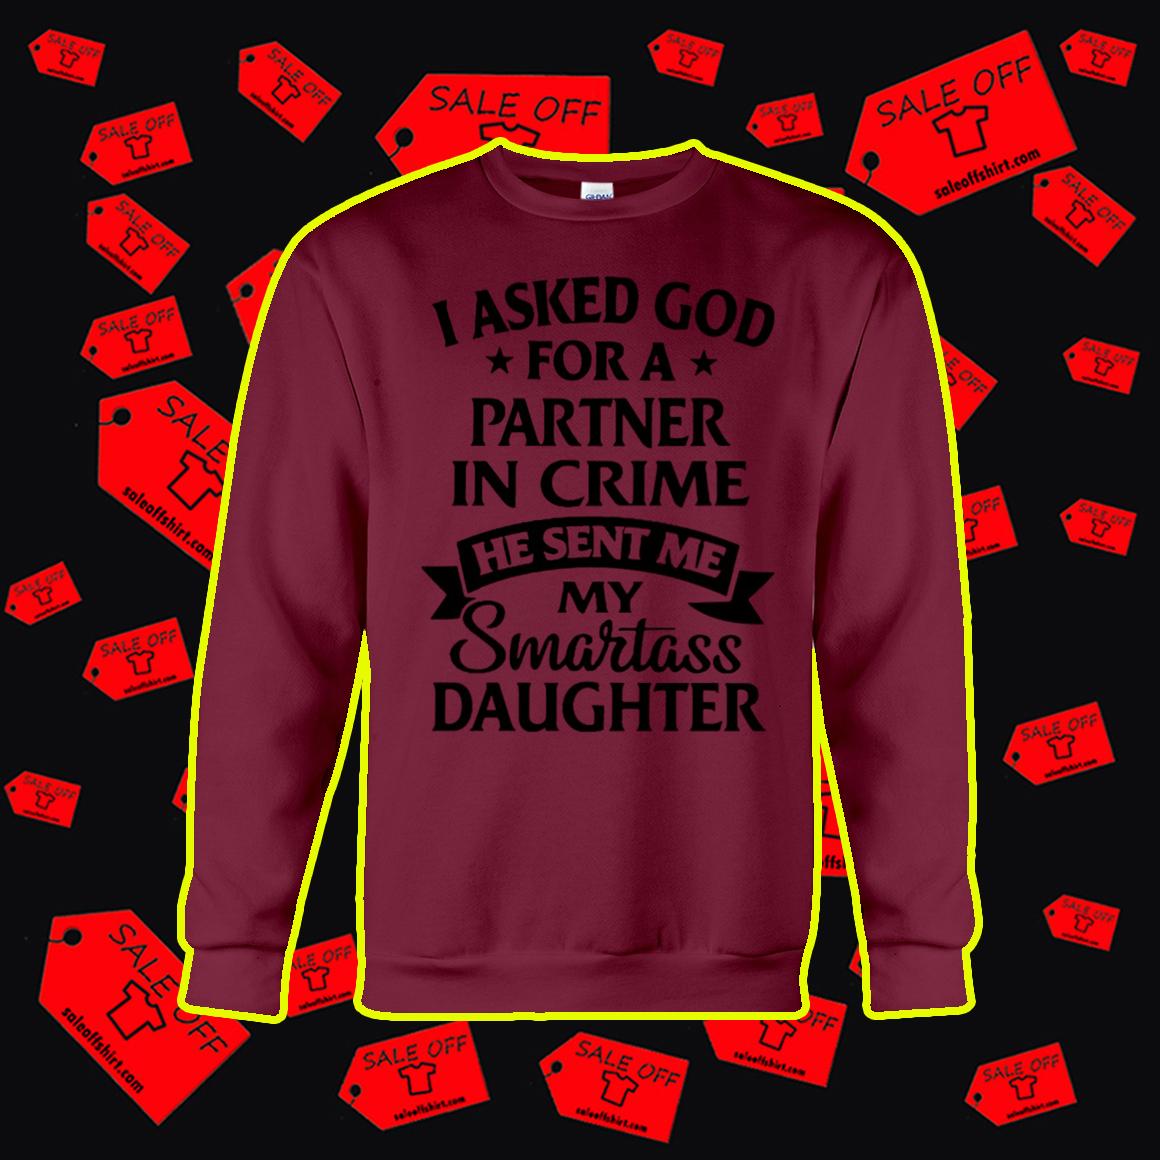 I Asked God For A Partner In Crime He Sent Me Smartass Daughter sweatshirt